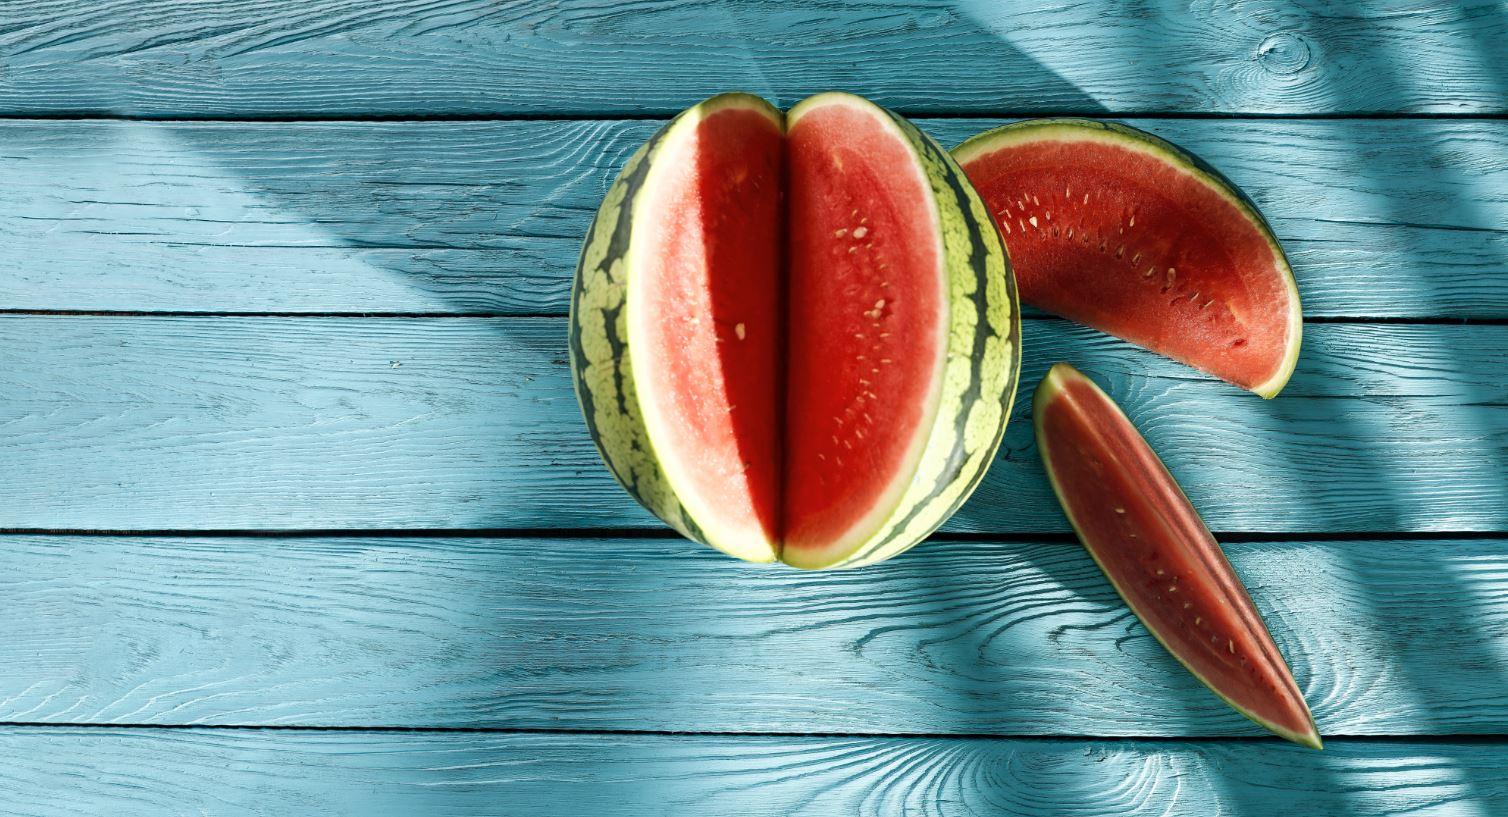 Wassermelone auf hellblauem Holzboden